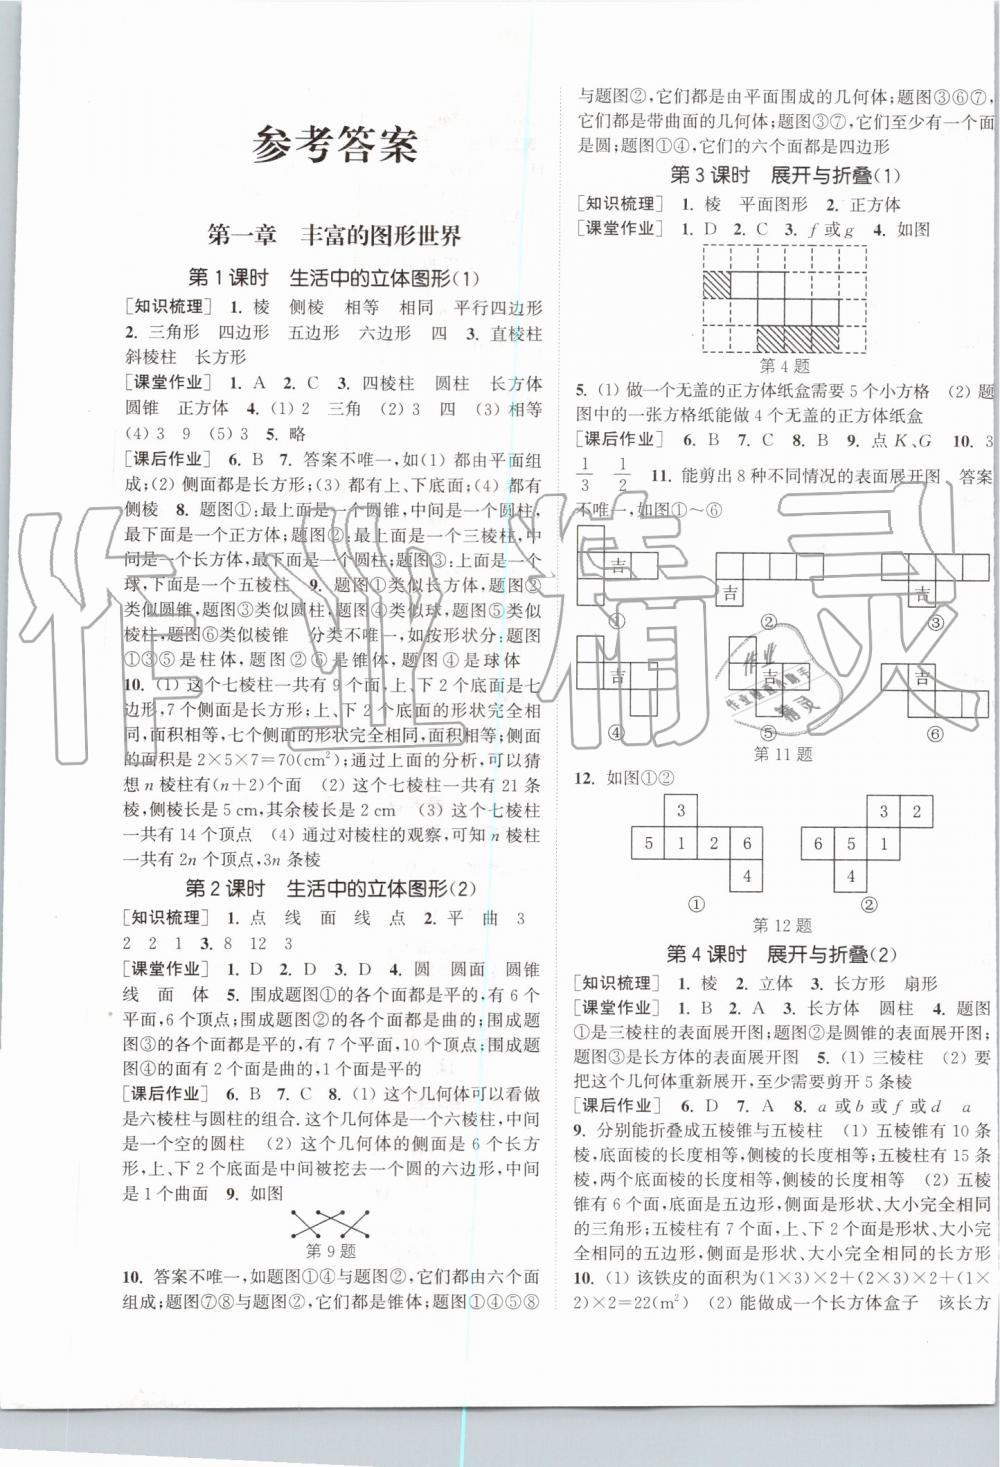 2019年通城学典课时作业本七年级数学上册北师大版第1页